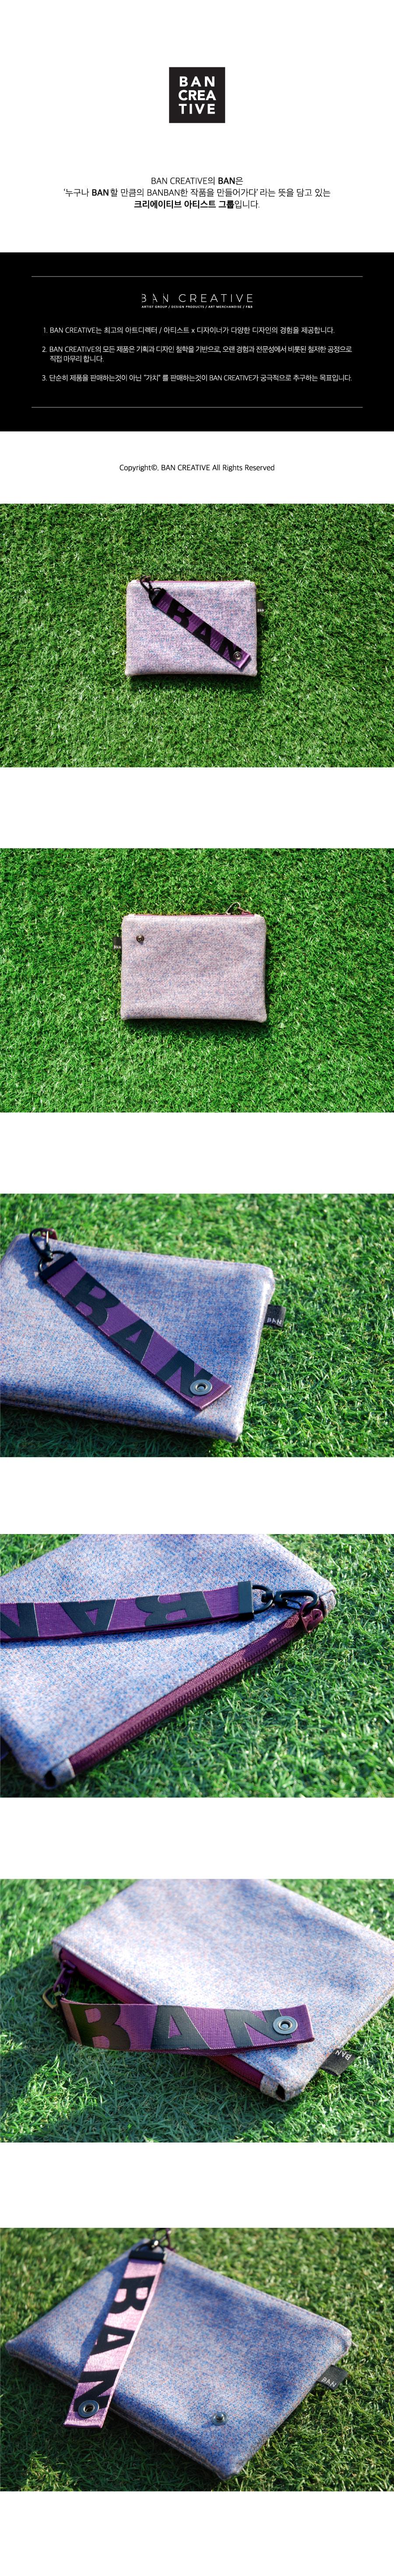 파우치(S) Purple - 반크리에이티브, 24,000원, 다용도파우치, 지퍼형